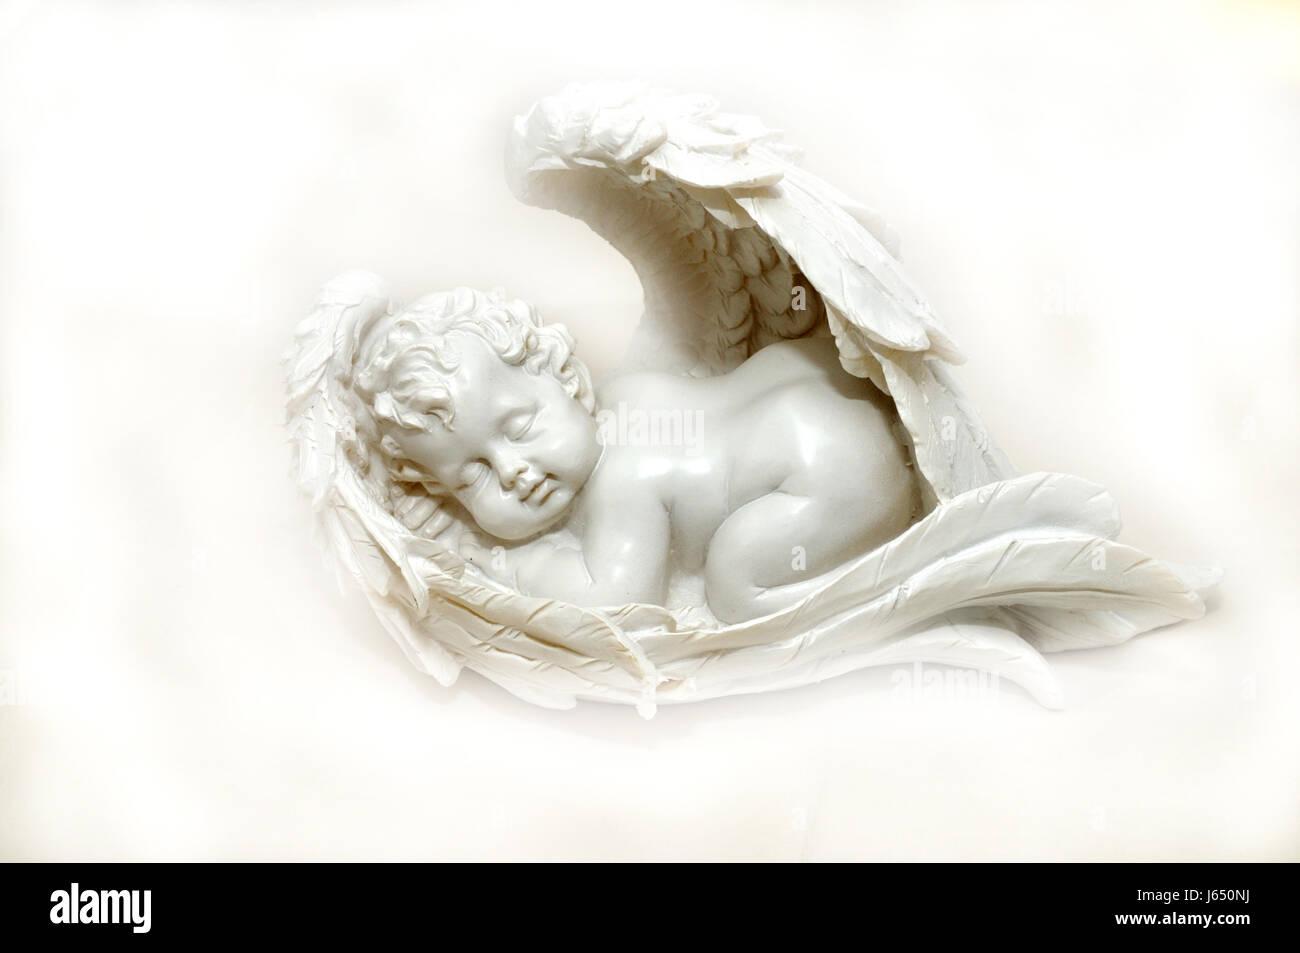 La Credenza Religiosa : La religione credenza angelo angeli proteggere protezione